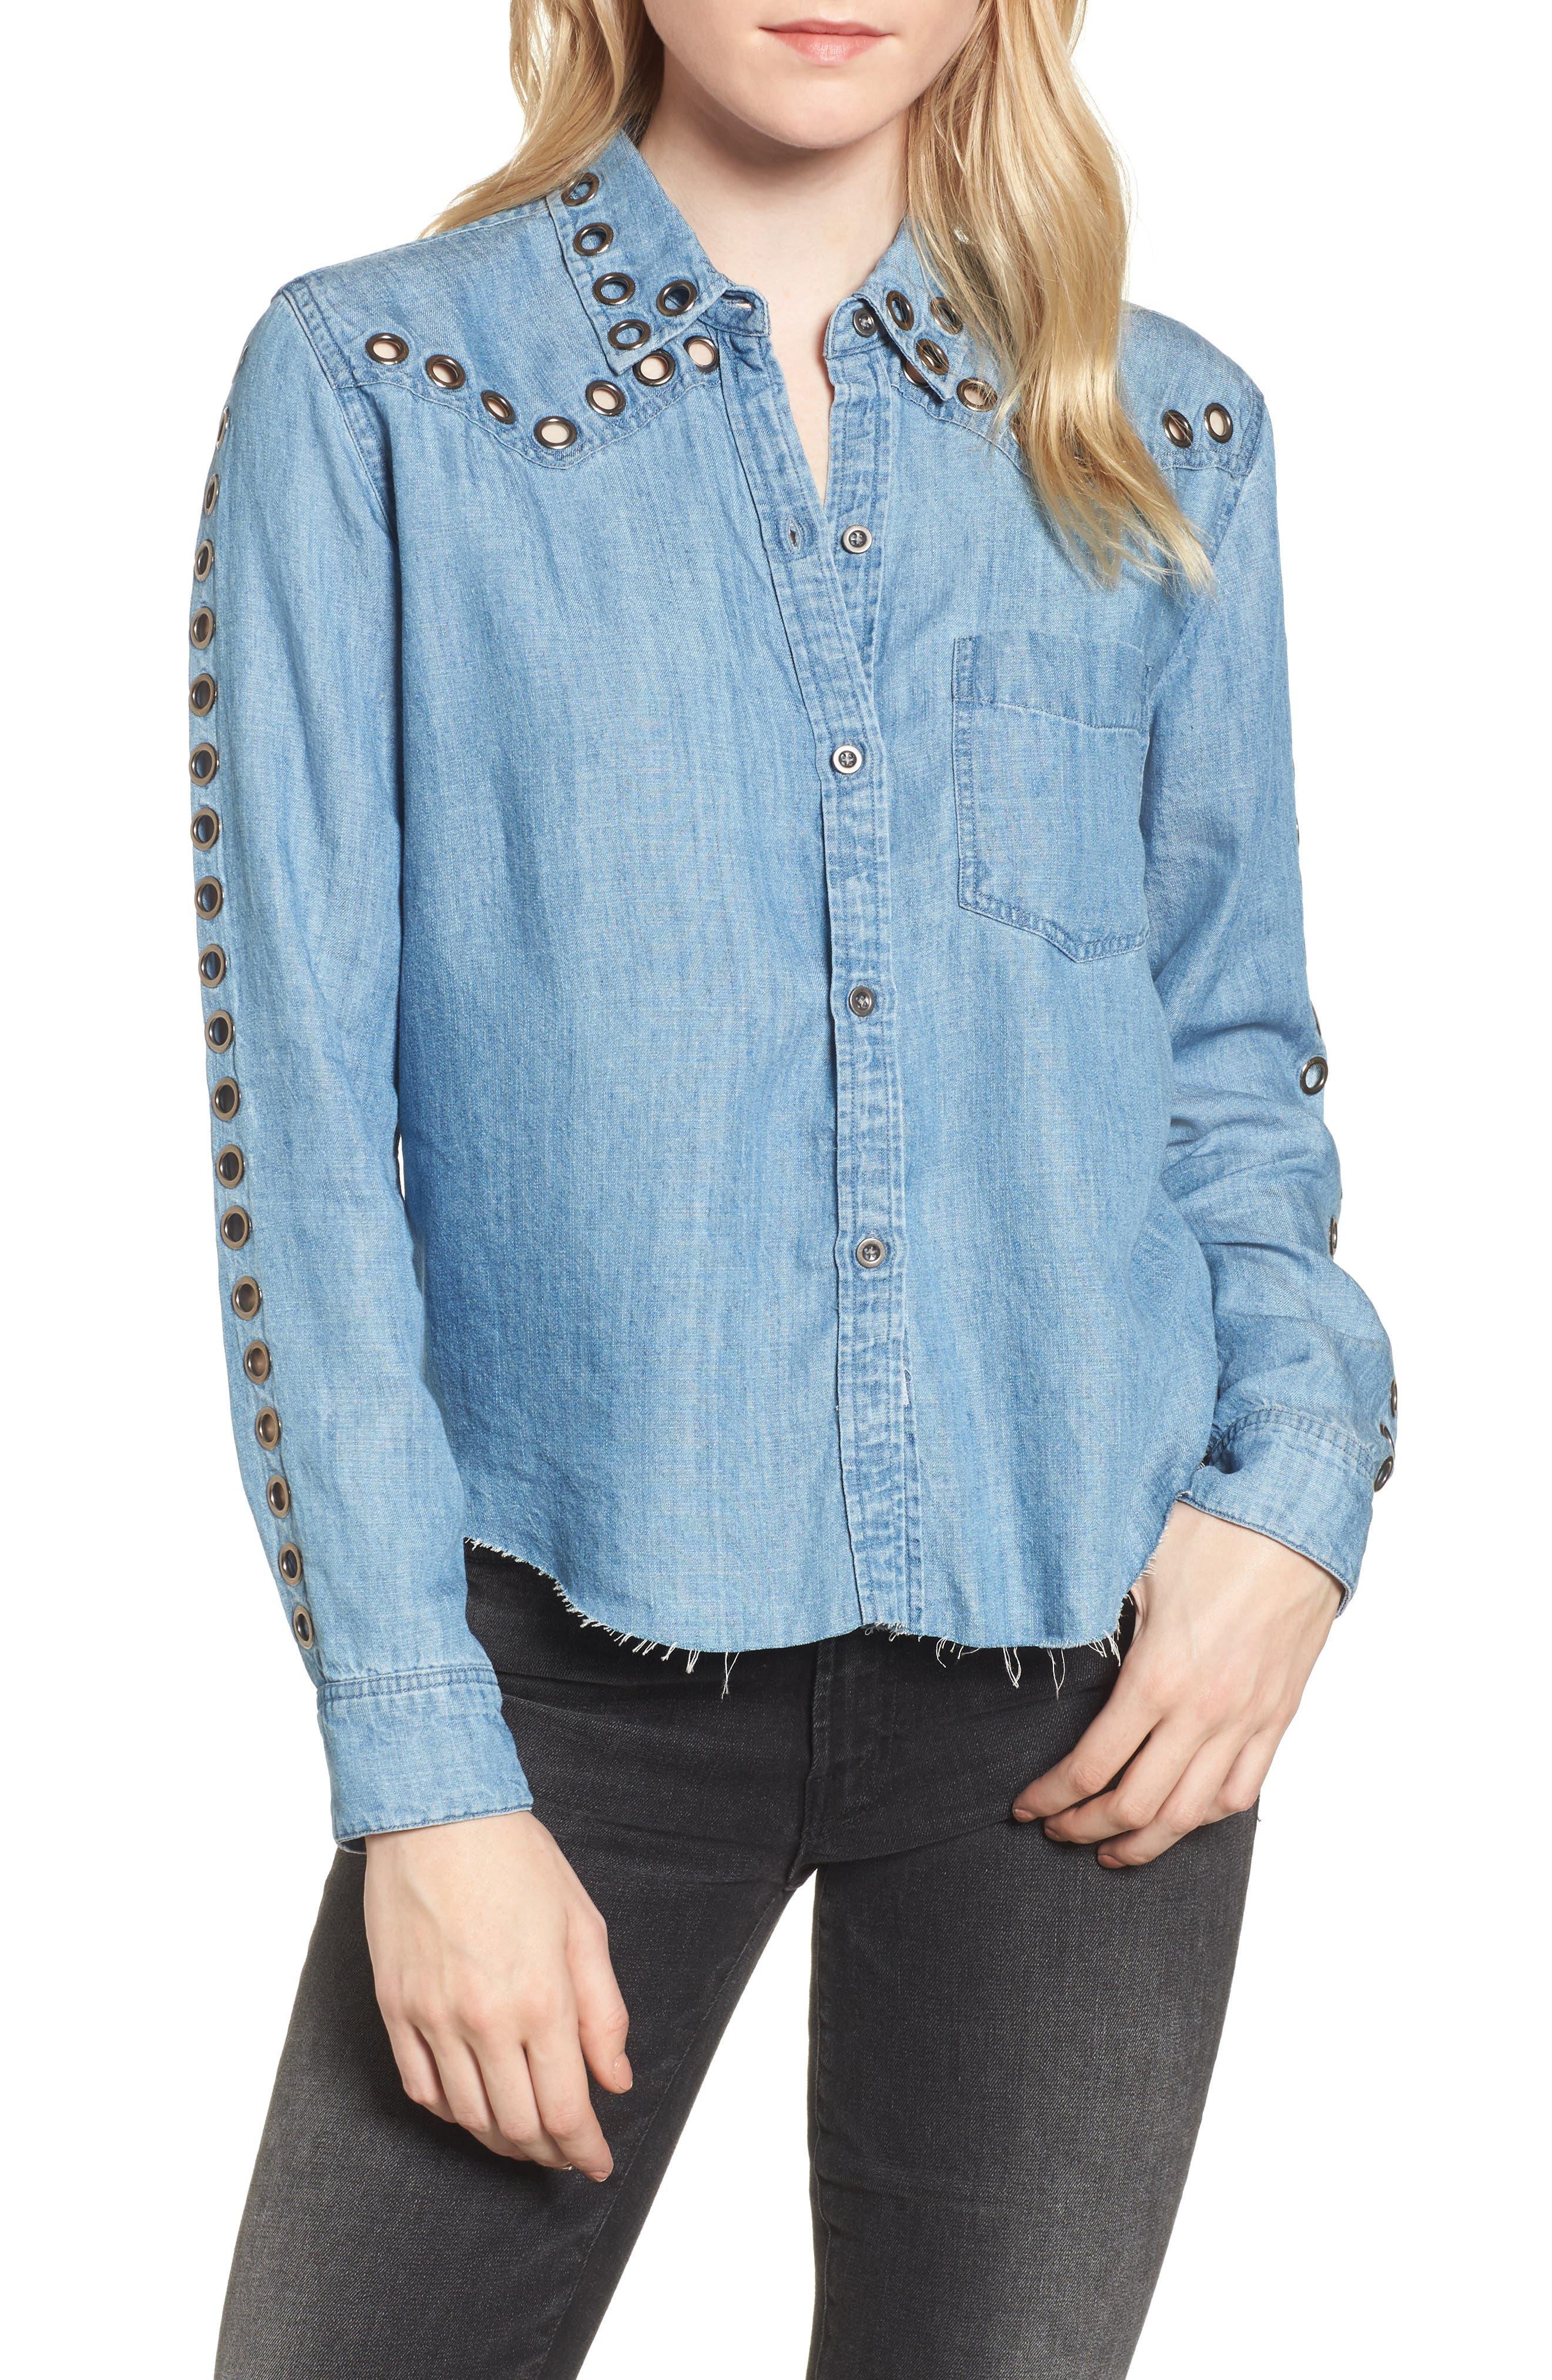 Alternate Image 1 Selected - Rails Grommet Chambray Shirt